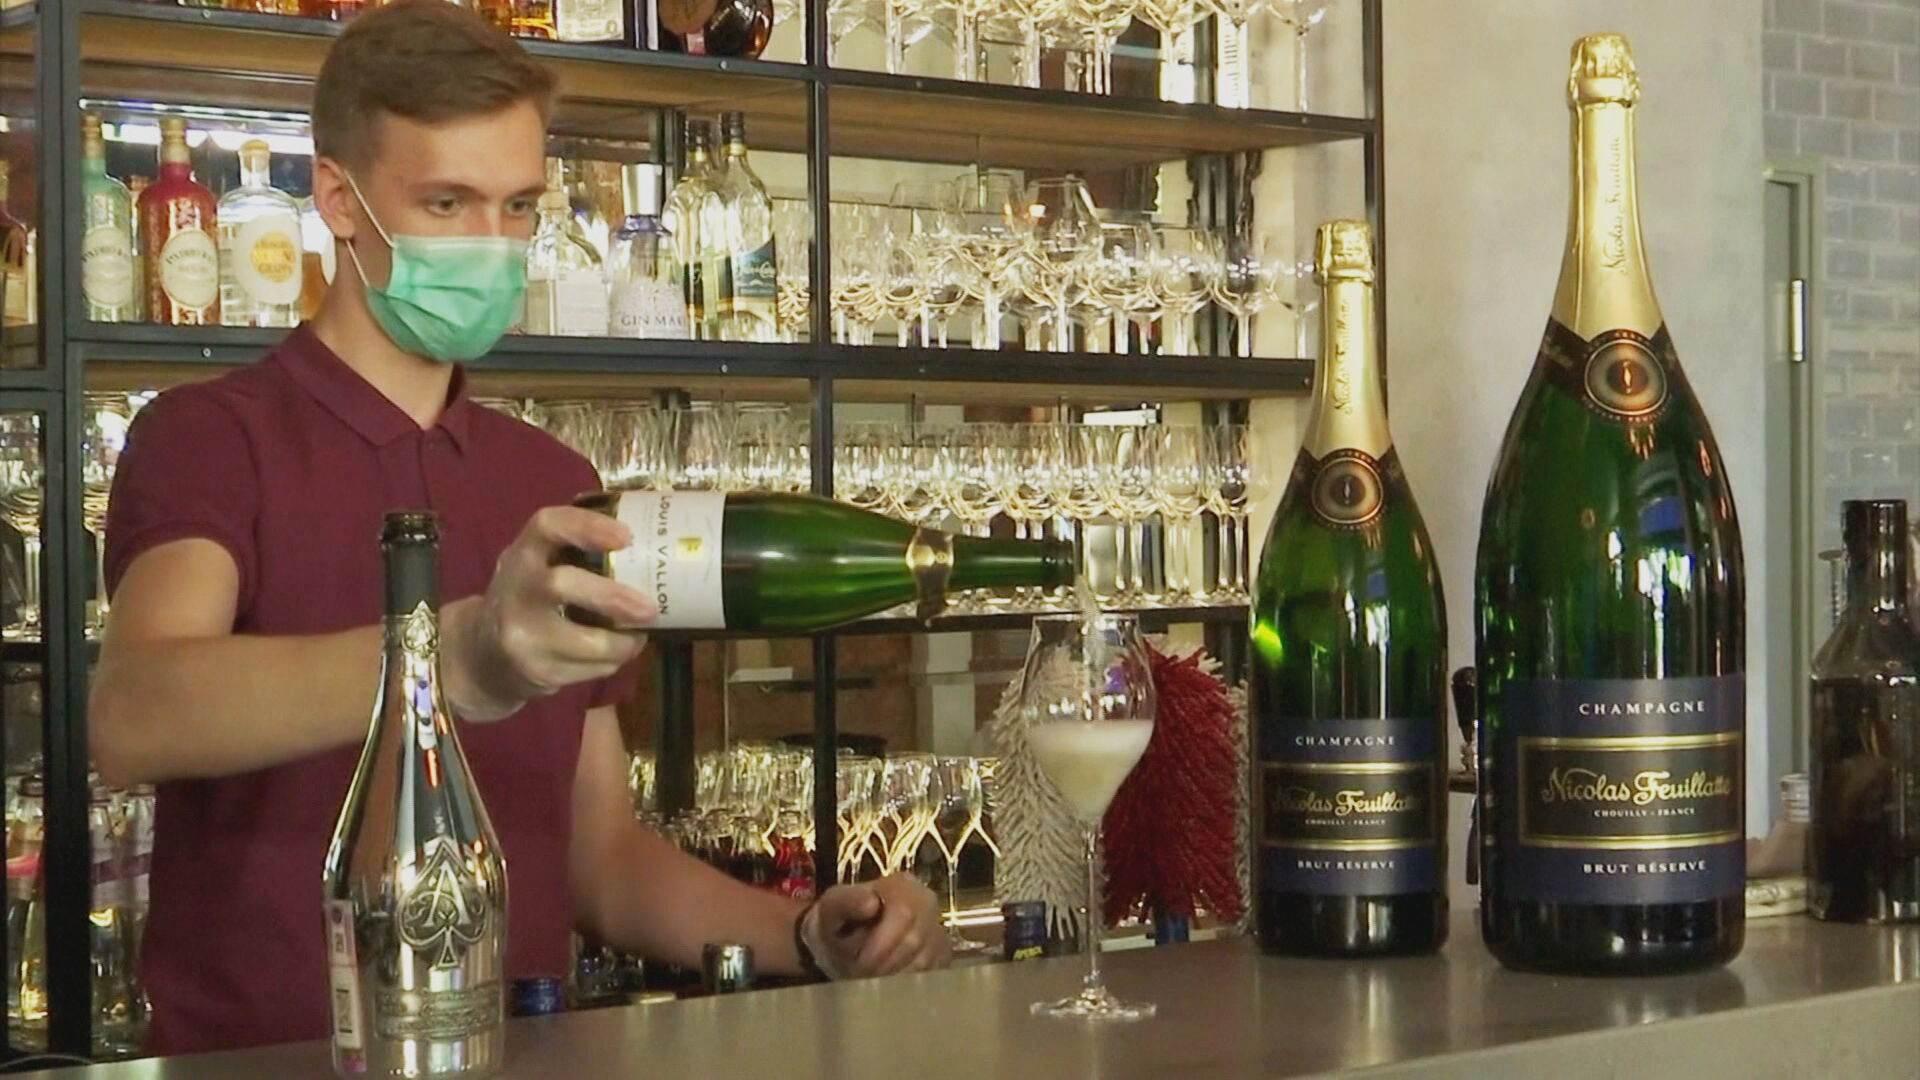 Putin ordena mudança de nome de champanhe na Rússia